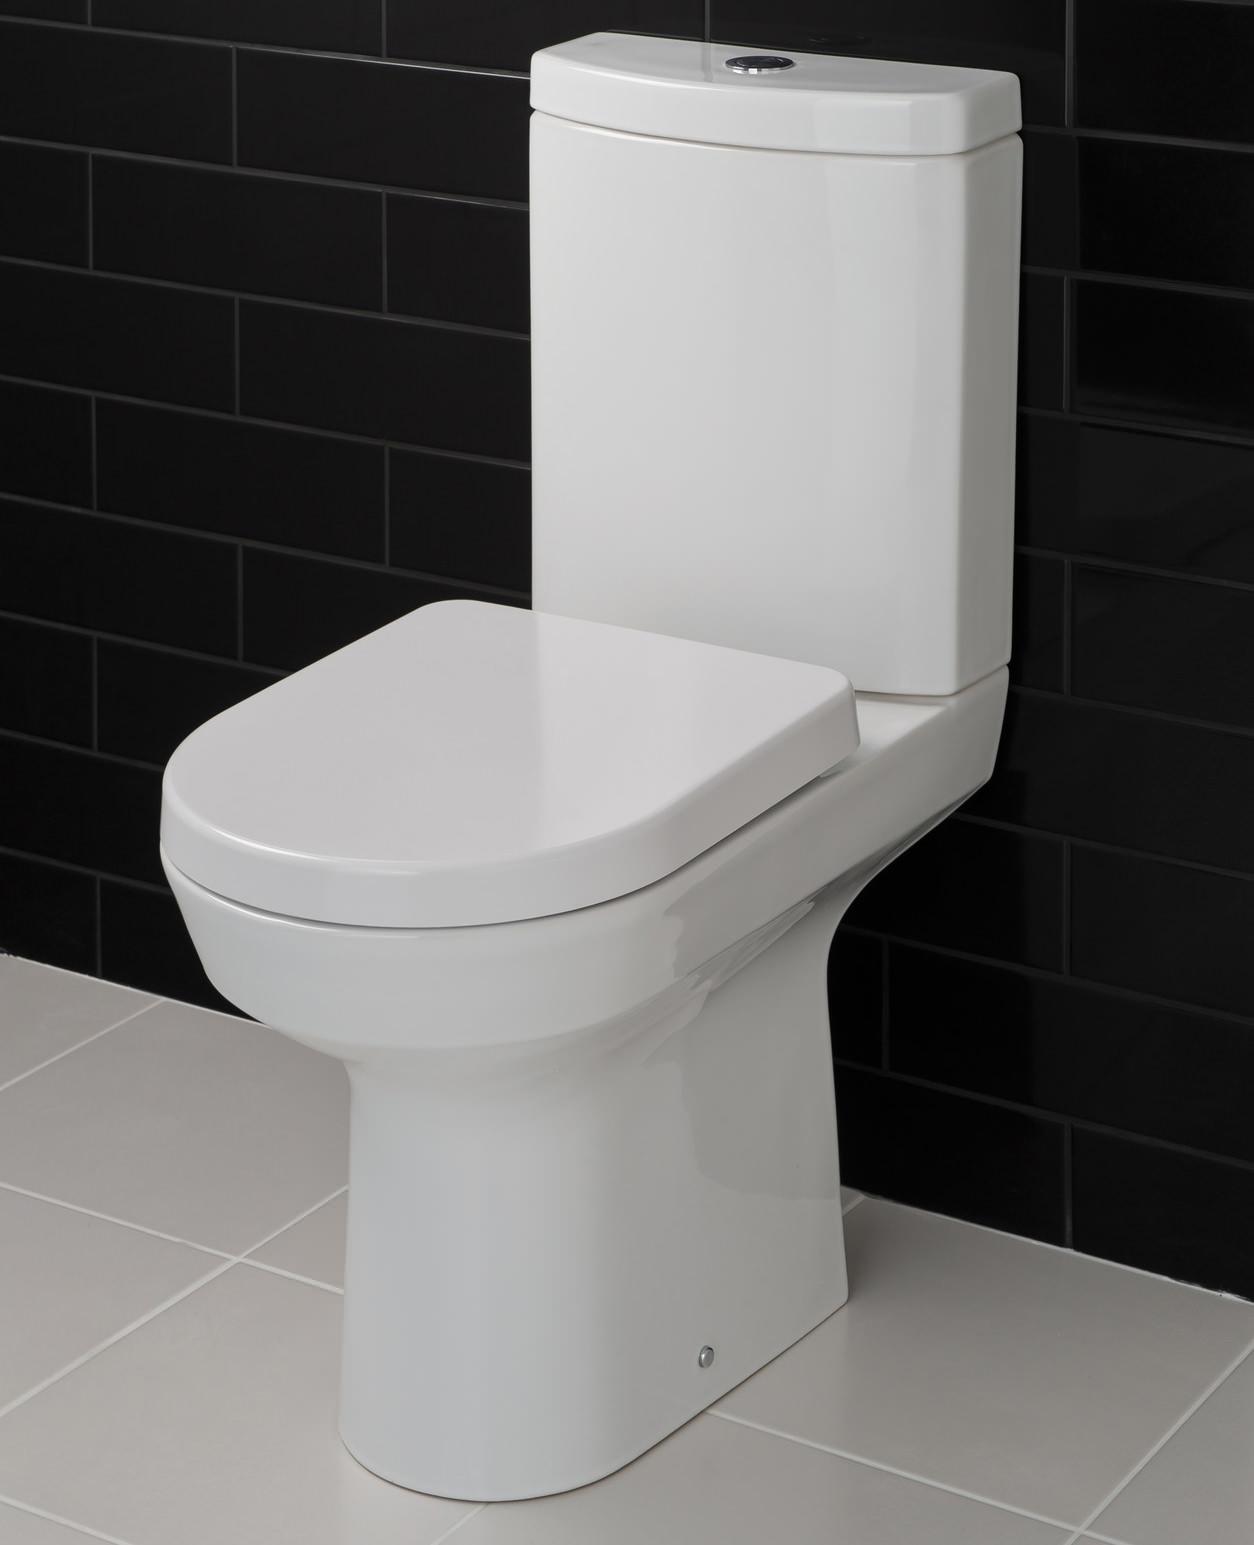 Rak bathroom suites -  Additional Image Of Rak Ceramics Higpak